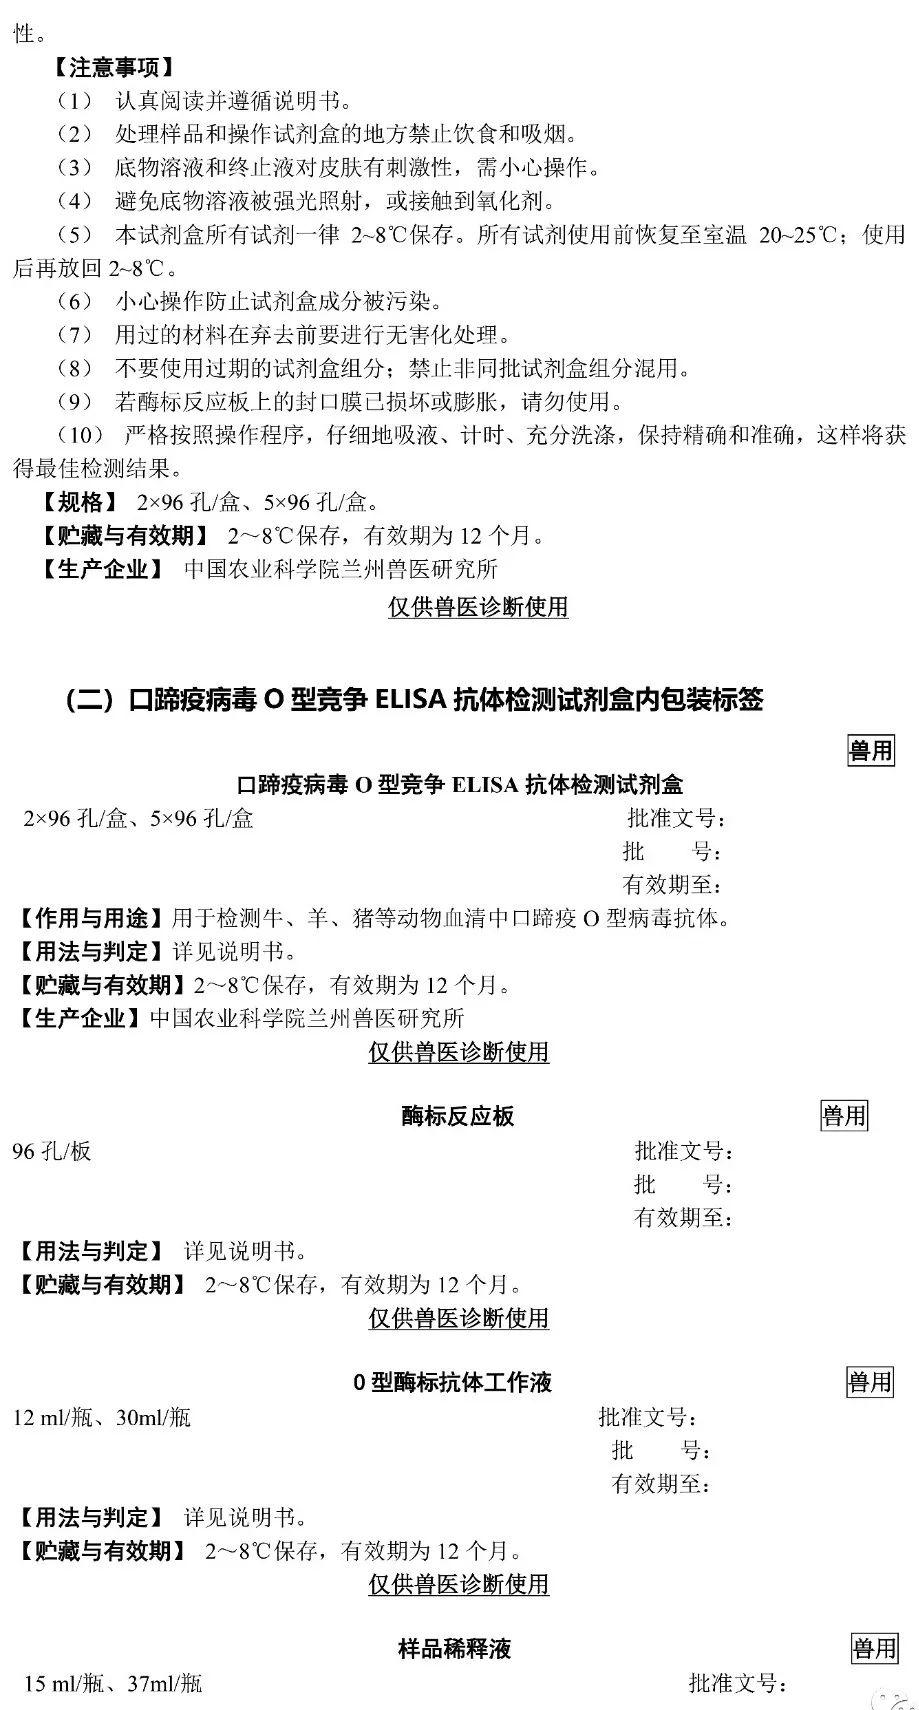 农业农村部批准狂犬病灭活疫苗(r3G株)等4种兽药产品为新兽药